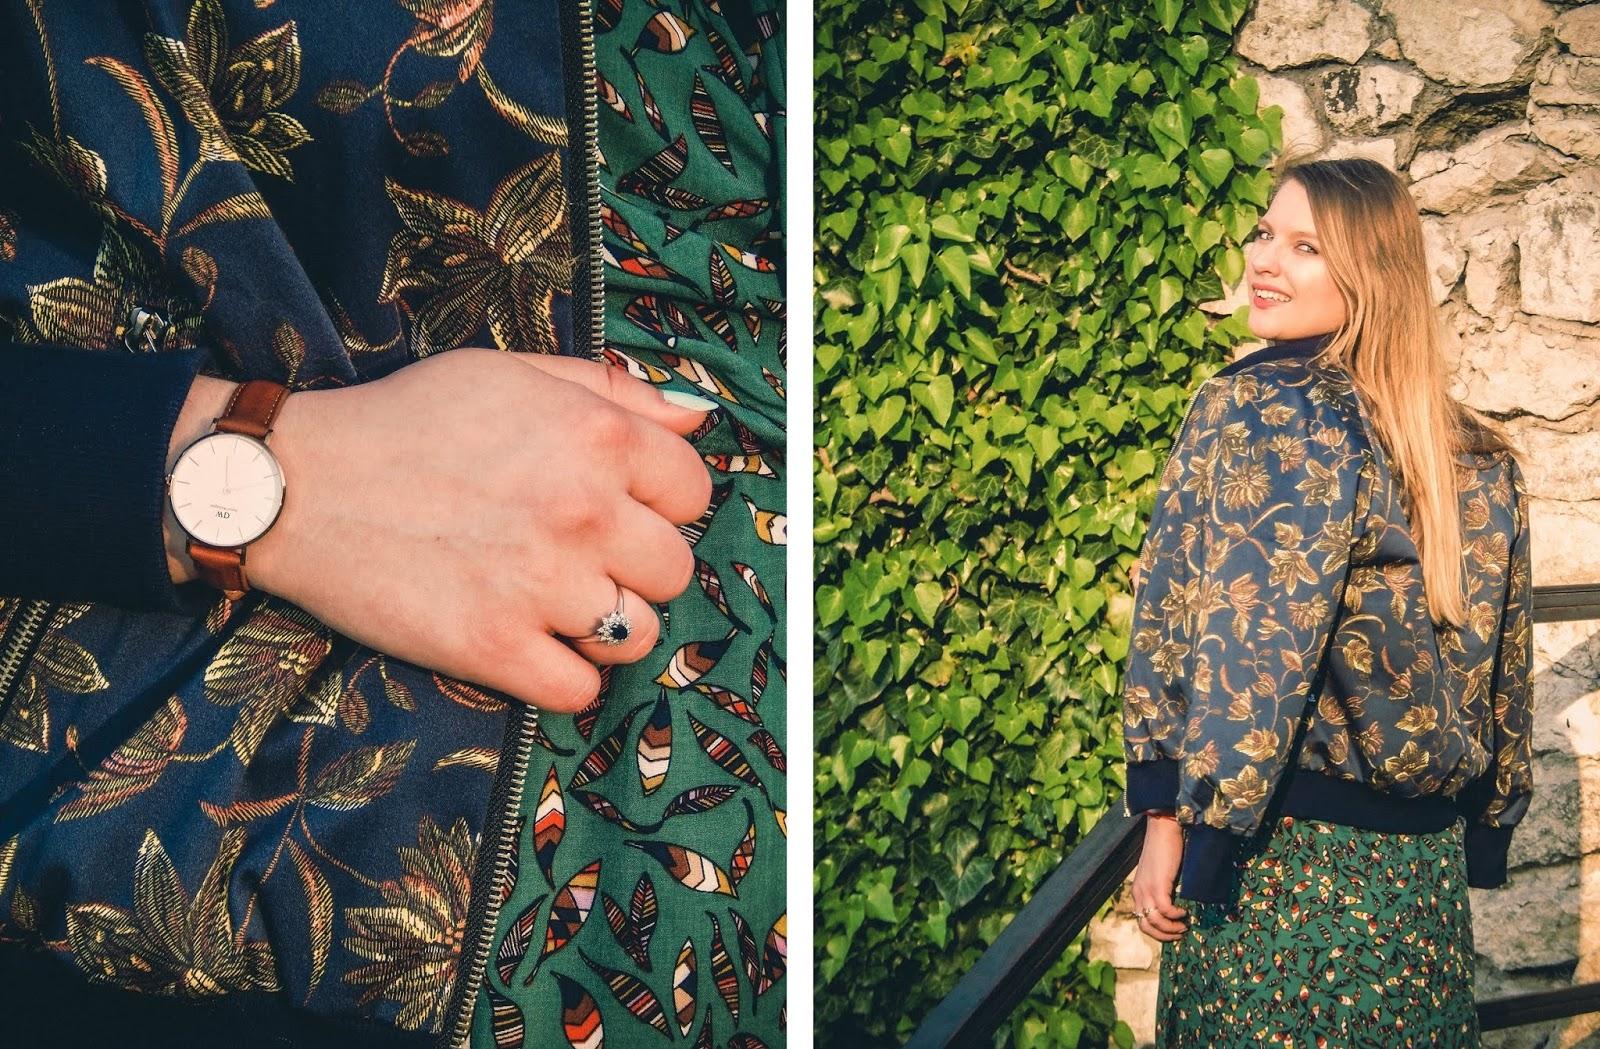 6 stylizacja polskie blogi modowe streetwear daniel wellington pracownia fio ciekawe polskie młode marki modowe odzieżowe instagram melodylaniella